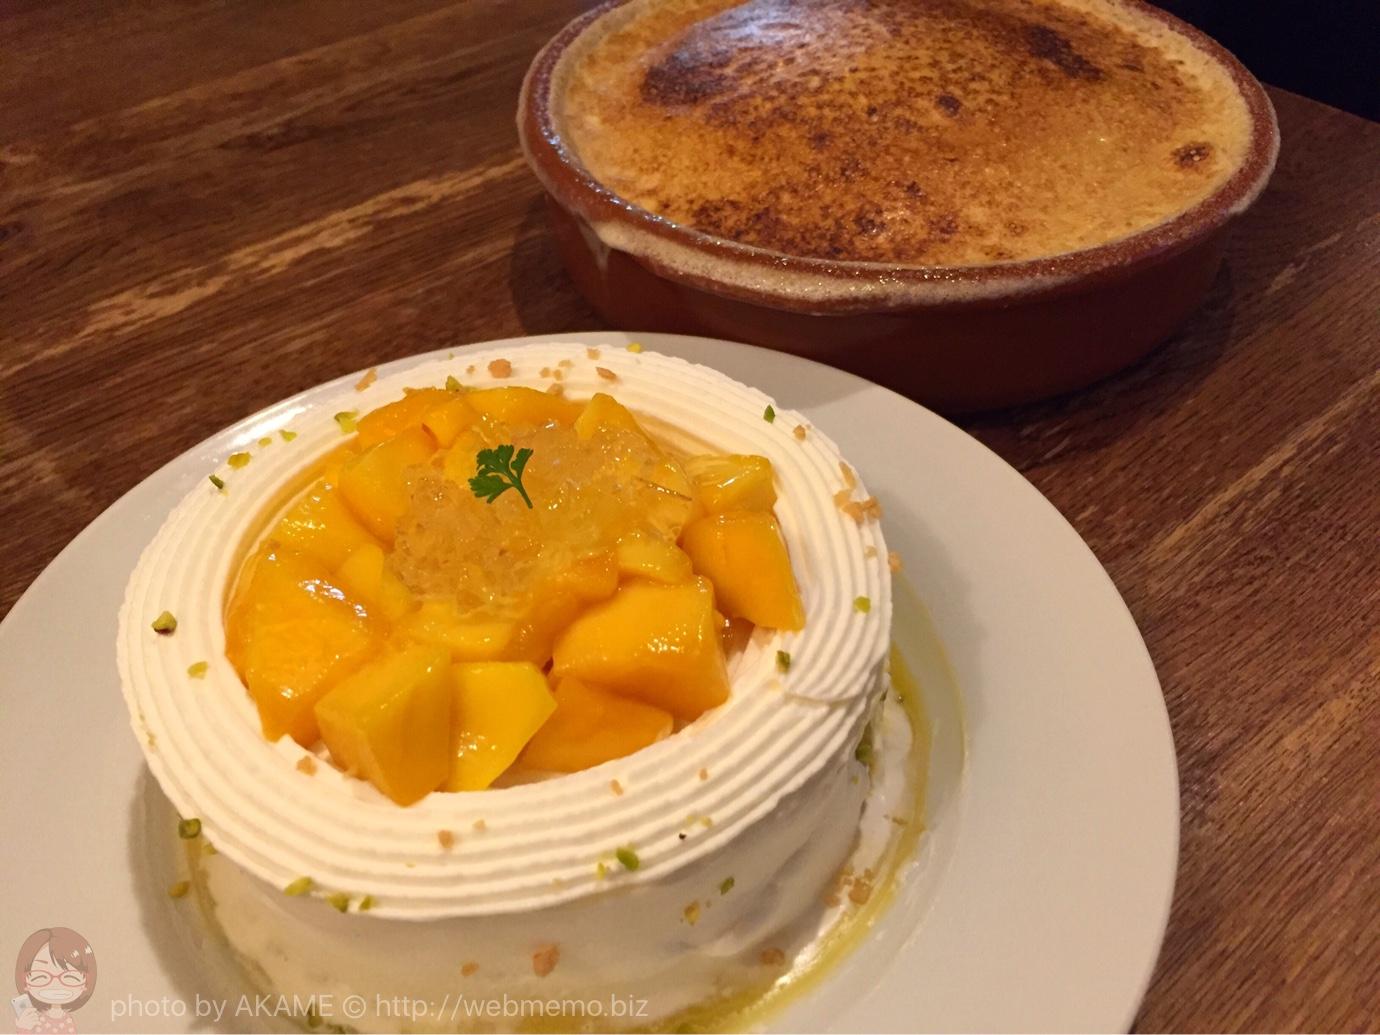 セバスチャンのかき氷が完全にケーキ!パティシエが衝撃の美味しさを生み出す(予約までの流れ)